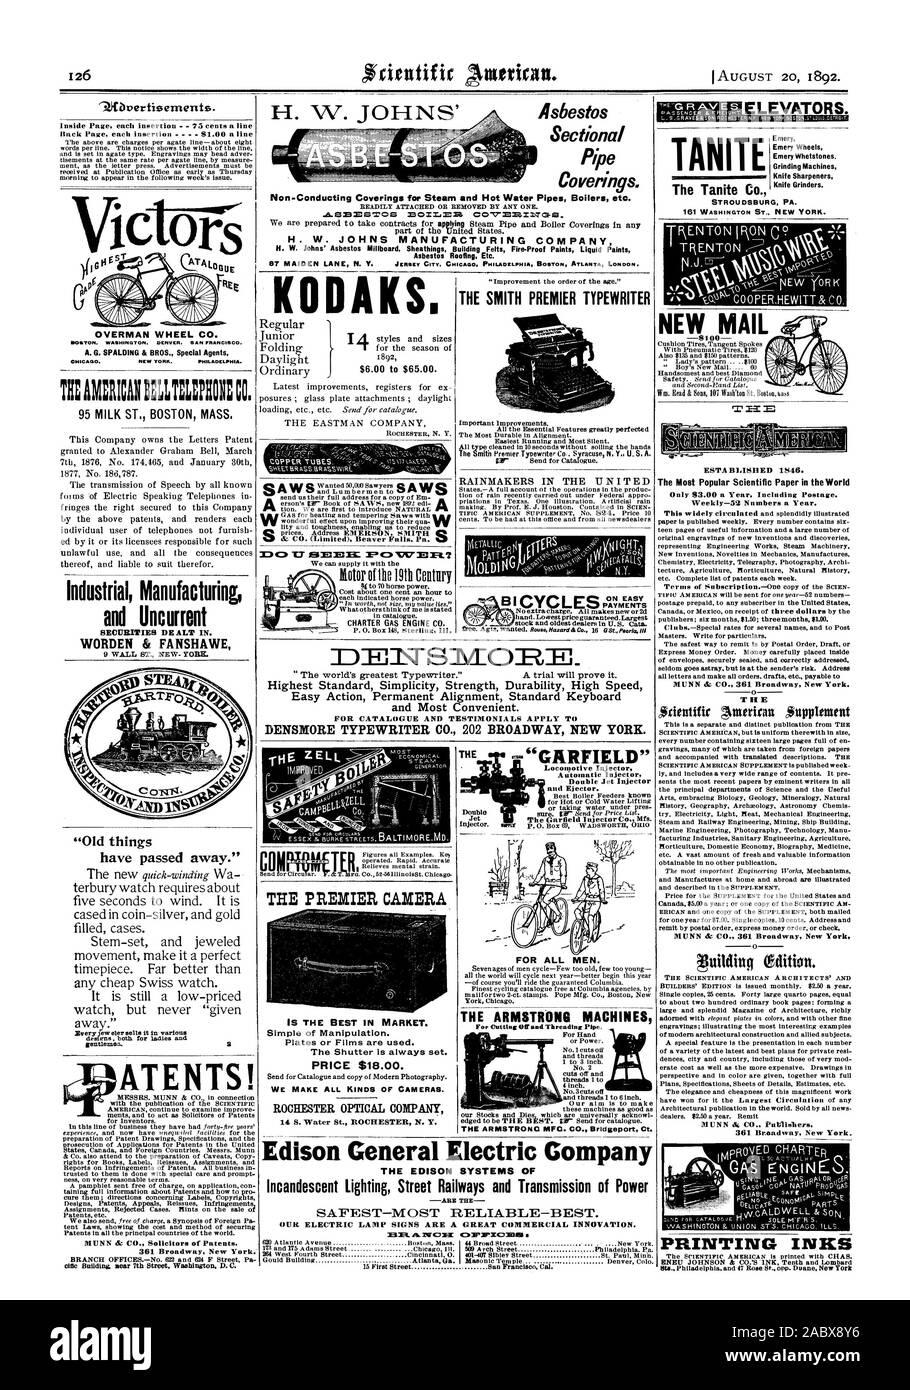 Los revestimientos del tubo transversal. Non-Conducting revestimientos de tuberías de agua caliente y vapor calderas etc. H. W. JOHNS Manufacturing Company techos de amianto Etc. KODAKS. Carta de motor de gas CO. LA SMITH PREMIER RAINMAKERS TYPEWRITER EN LAS NACIONES SOBRE PAGOS FACIL cifr 3:301TS101R= 'cosas viejas ATENTS! TEAMMICAITILLIEPEN: CO. 95 ST leche masa de Boston. Fabricación Industrial y Uncurrent WORDEN & FANSHAWE '74Jfbverti9ements. OVERMAN RUEDA. CO. HOUTON. WASHINGTON. DENVER. SAN FRANCISCO. A. G. SPALDING & BROS. Agentes especiales de Chicago. Nueva York. PHI A. 'E'G R AV E ascensores. Ruedas de esmeril Emery Whetstones Foto de stock